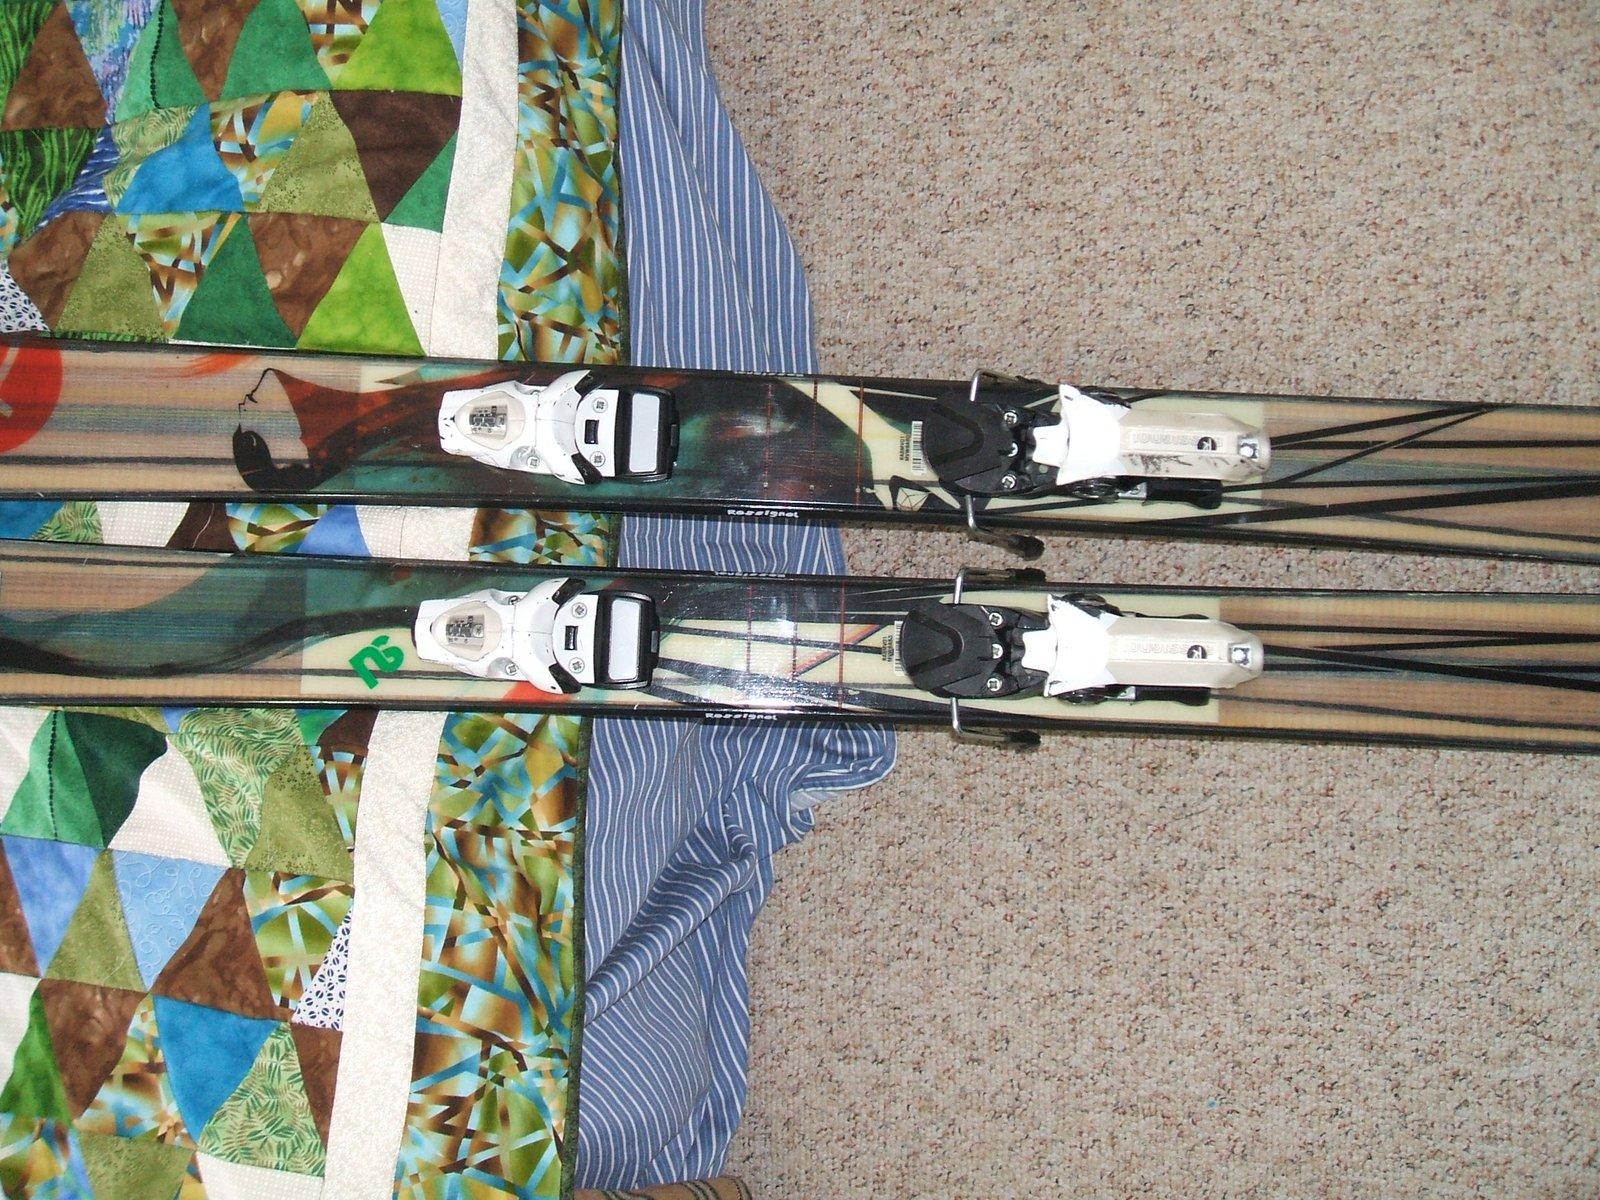 2009 Rossignol S5 178cm